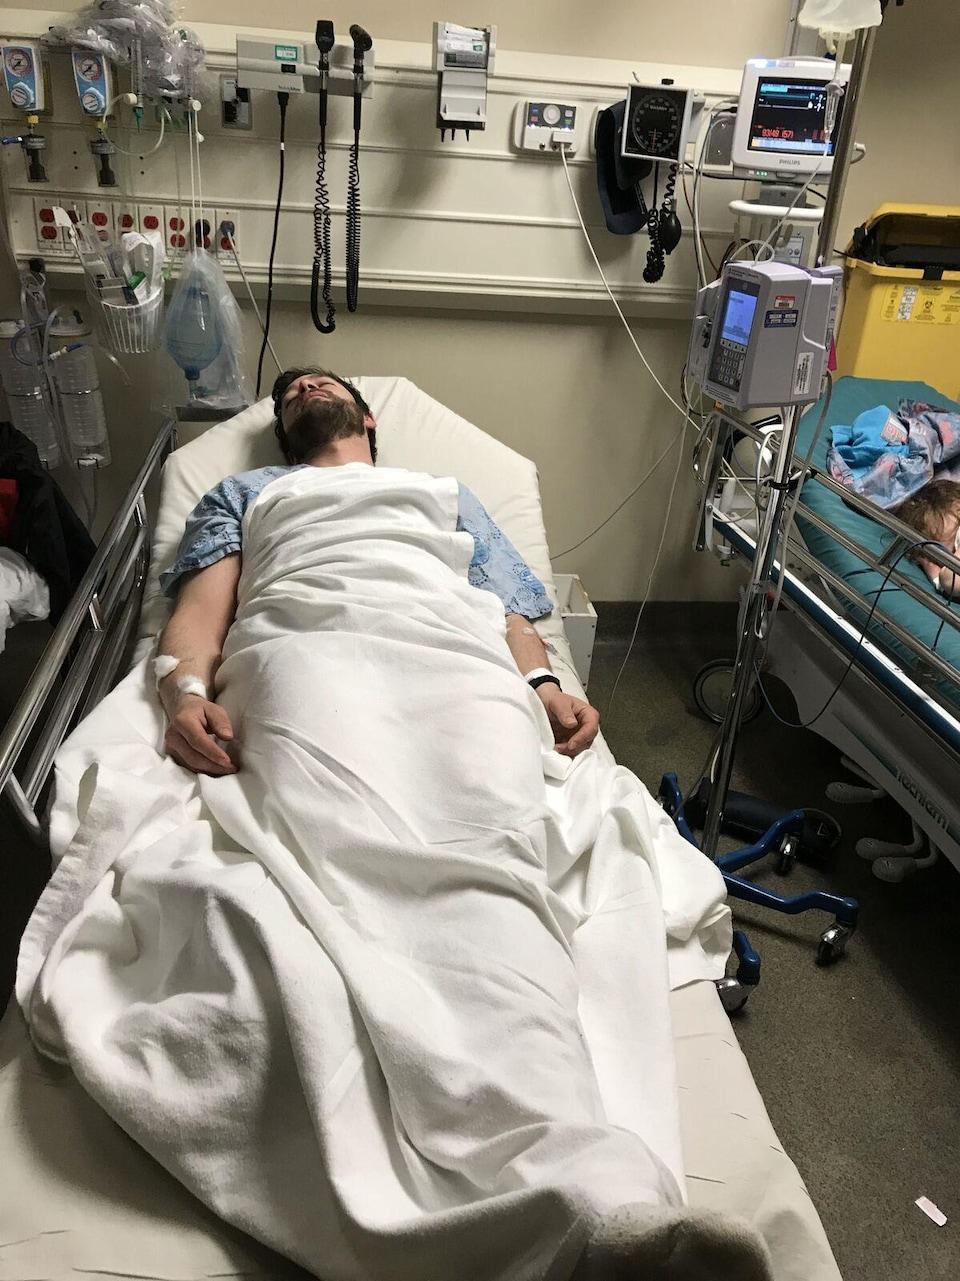 Un homme étendu sur un lit dans un hôpital.